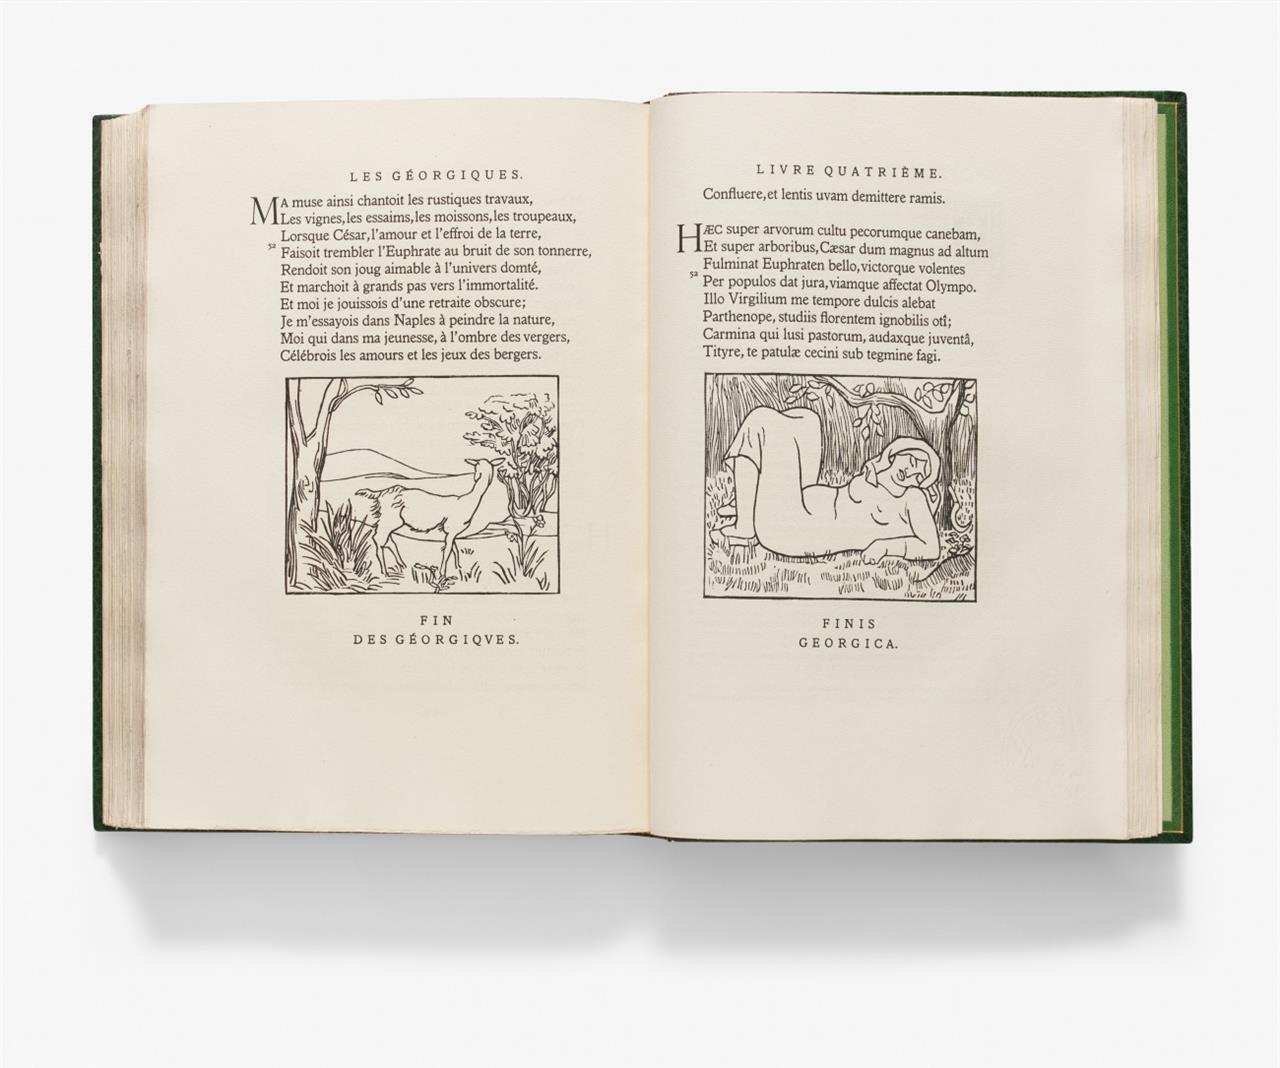 P. Vergilius Maro / A. Maillol, Les Géorgiques. Texte latin et version française. Paris 1937-43. - Ex. 330/750. - Mit 3 zusätzl. eingebund. Entwurfszeichnungen.